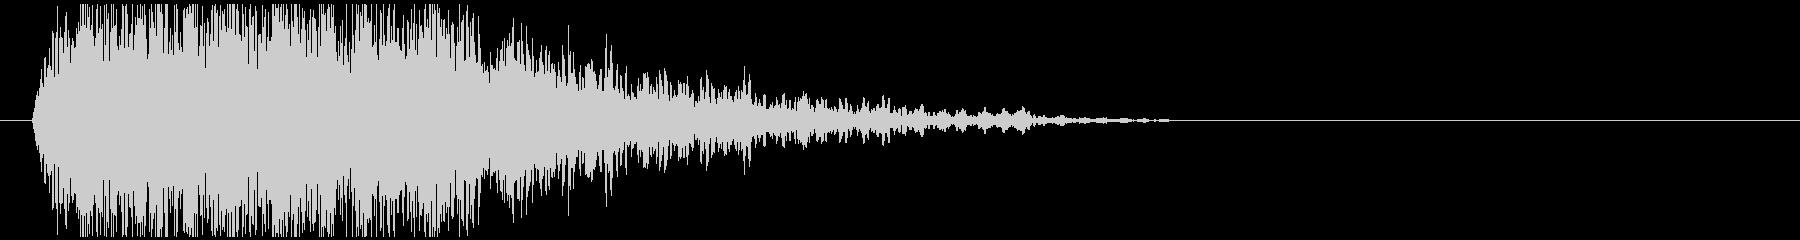 ダークな移動音の未再生の波形